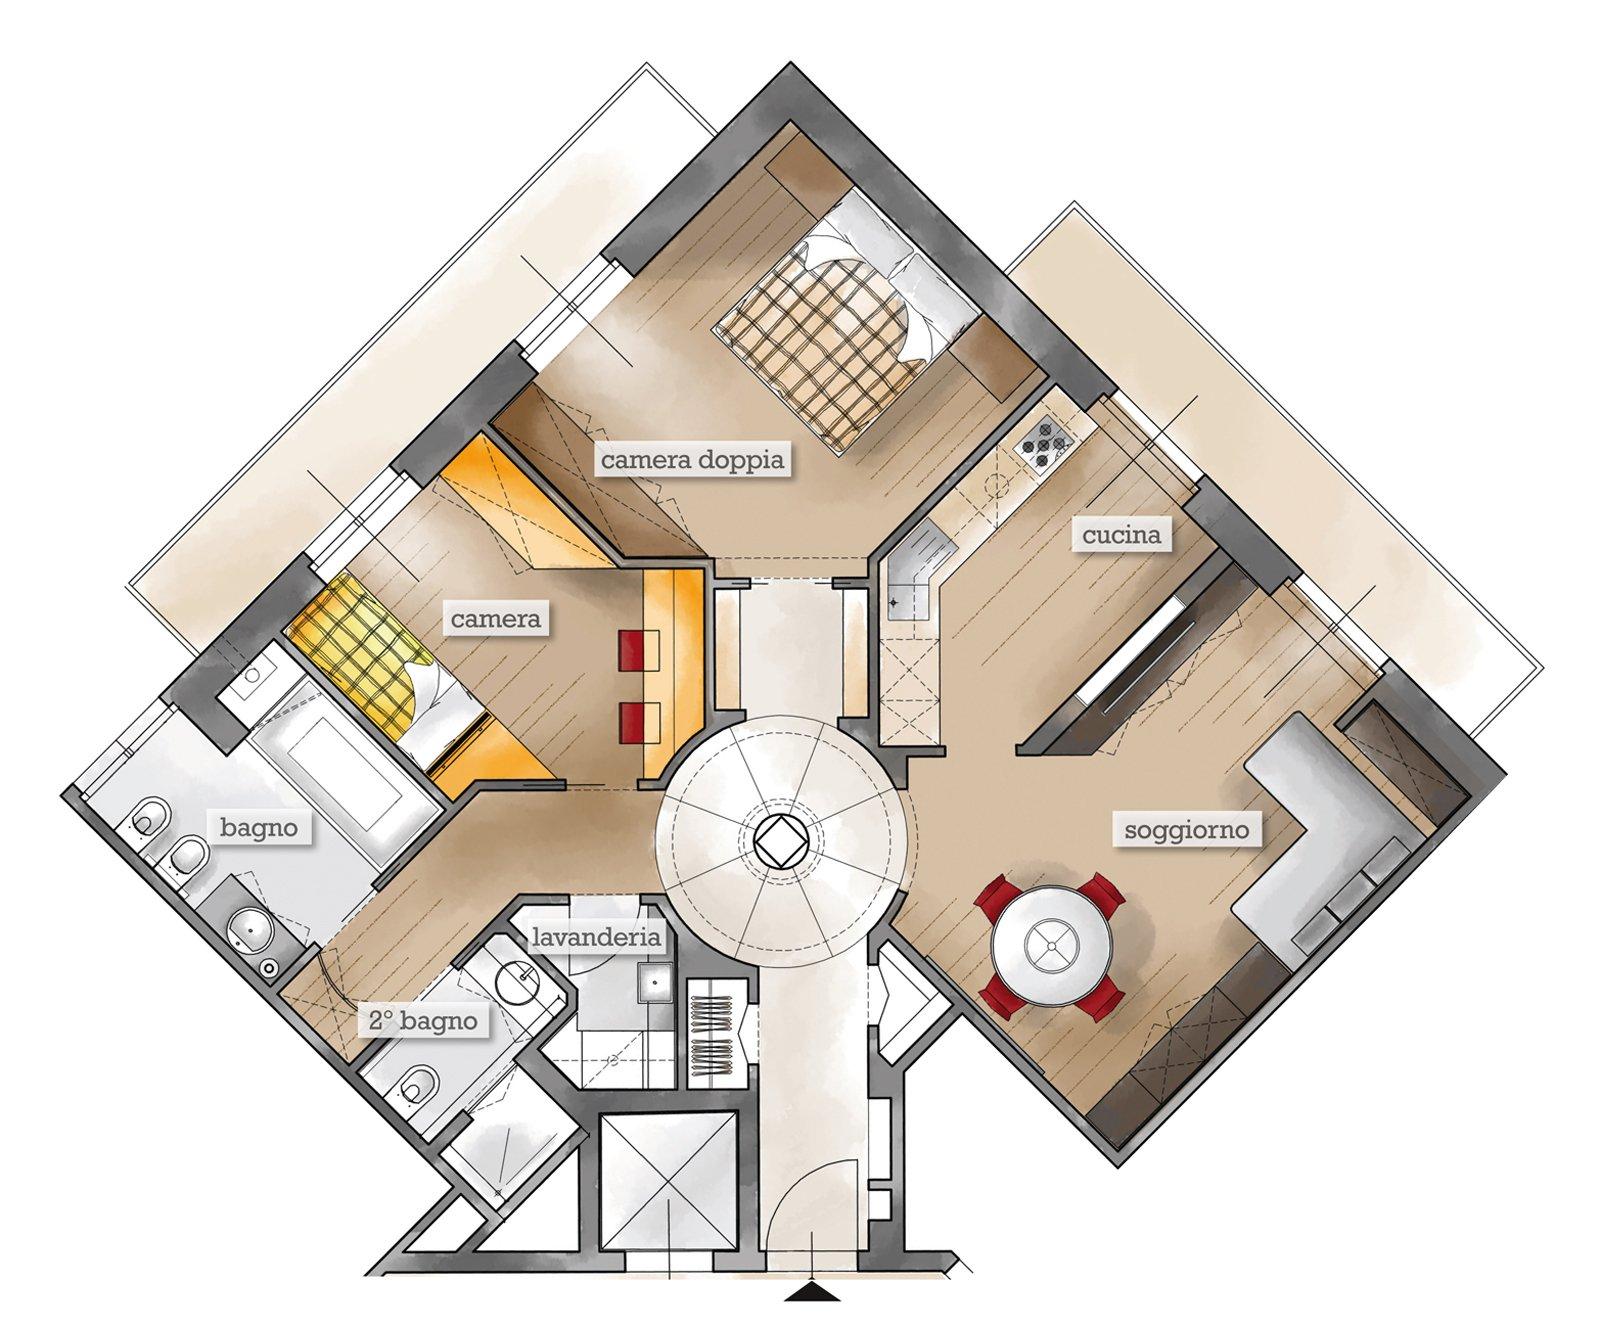 75 mq un trilocale pensato per il benessere cose di casa for Come progettare un appartamento con una camera da letto